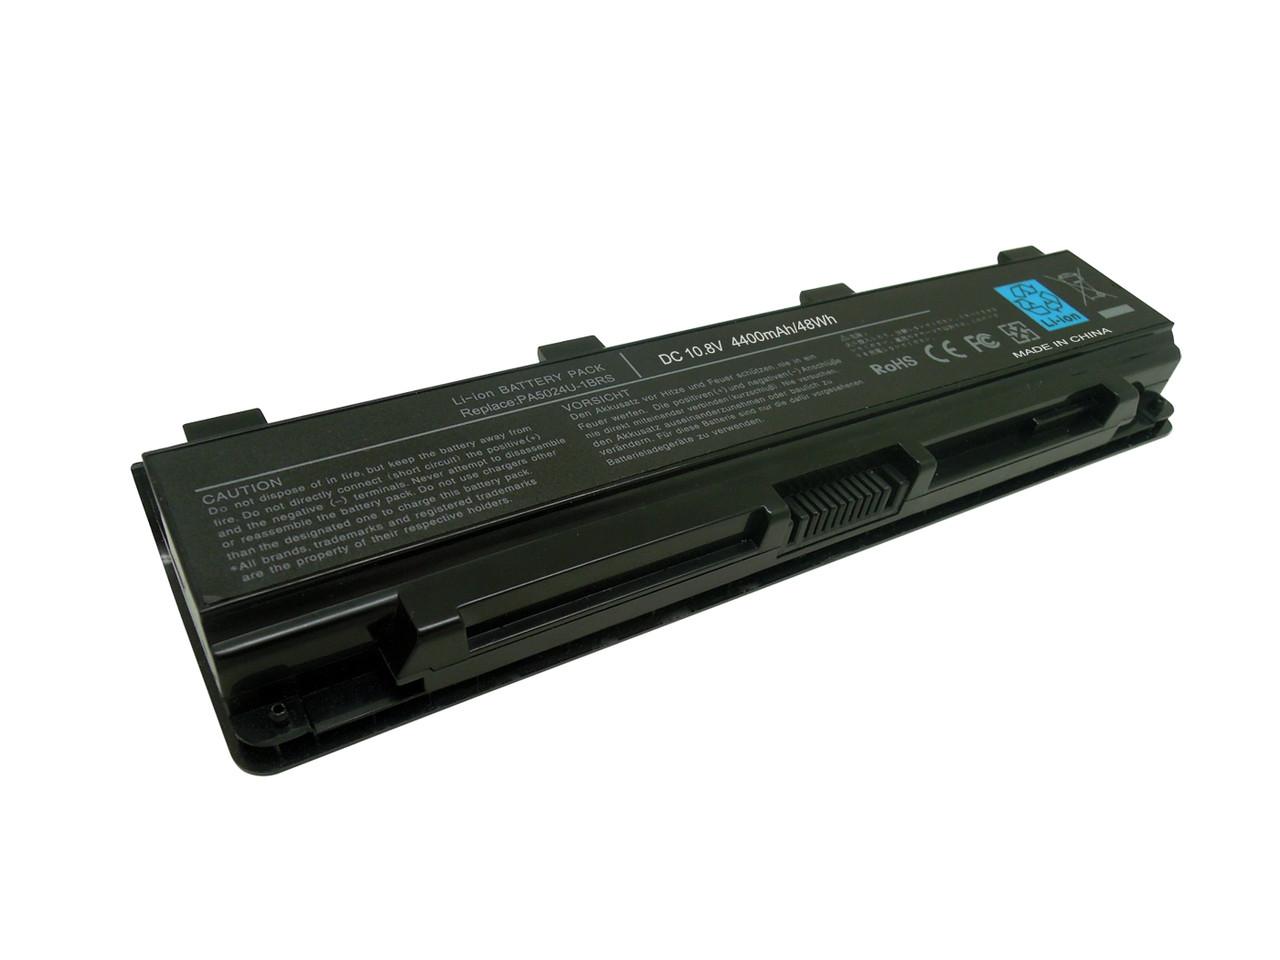 Аккумулятор для ноутбука TOSHIBA SATELLITE L850-022